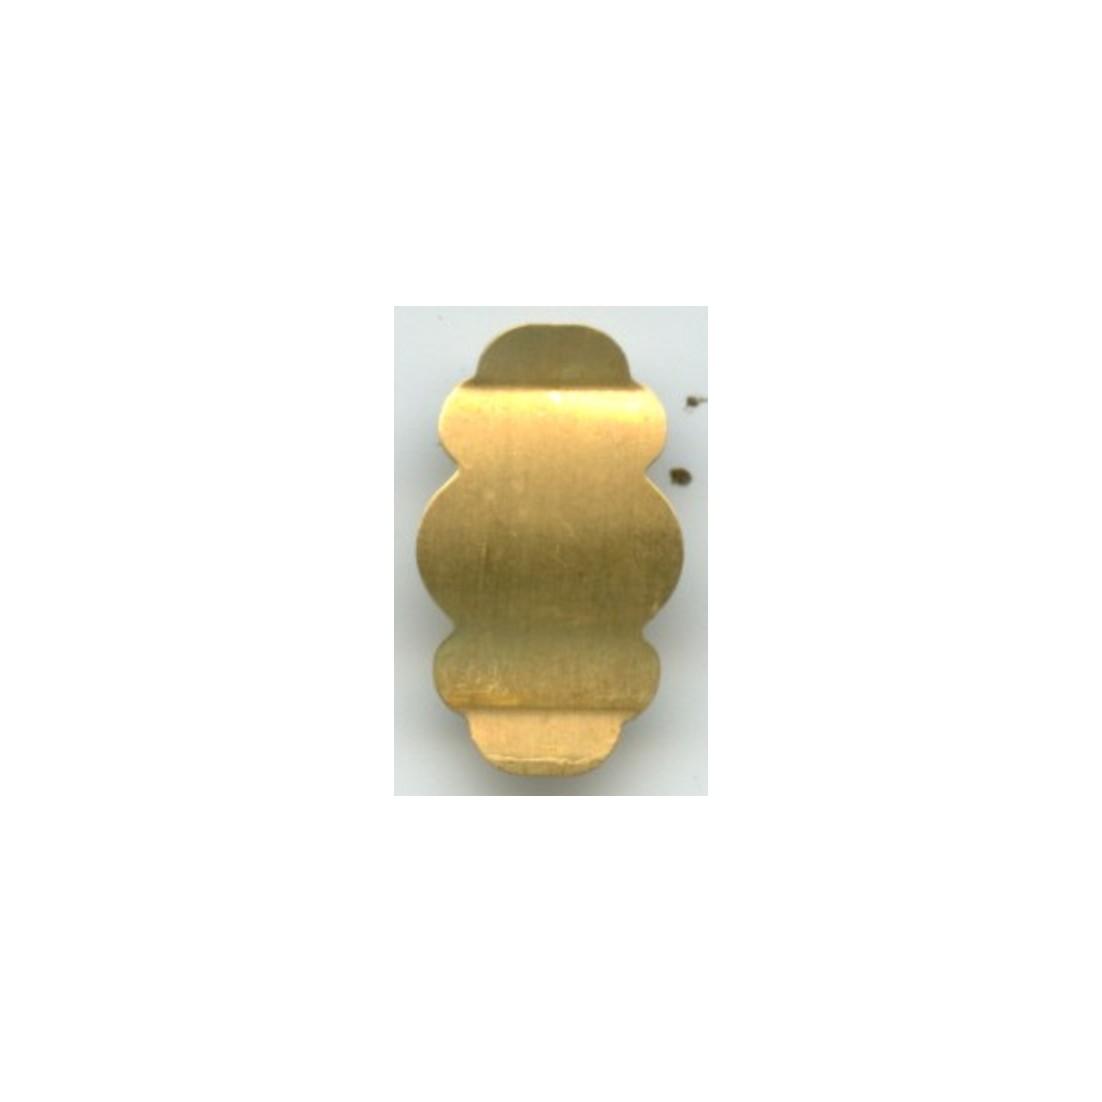 estampaciones para fornituras joyeria fabricante oro mayorista cordoba ref. 480006